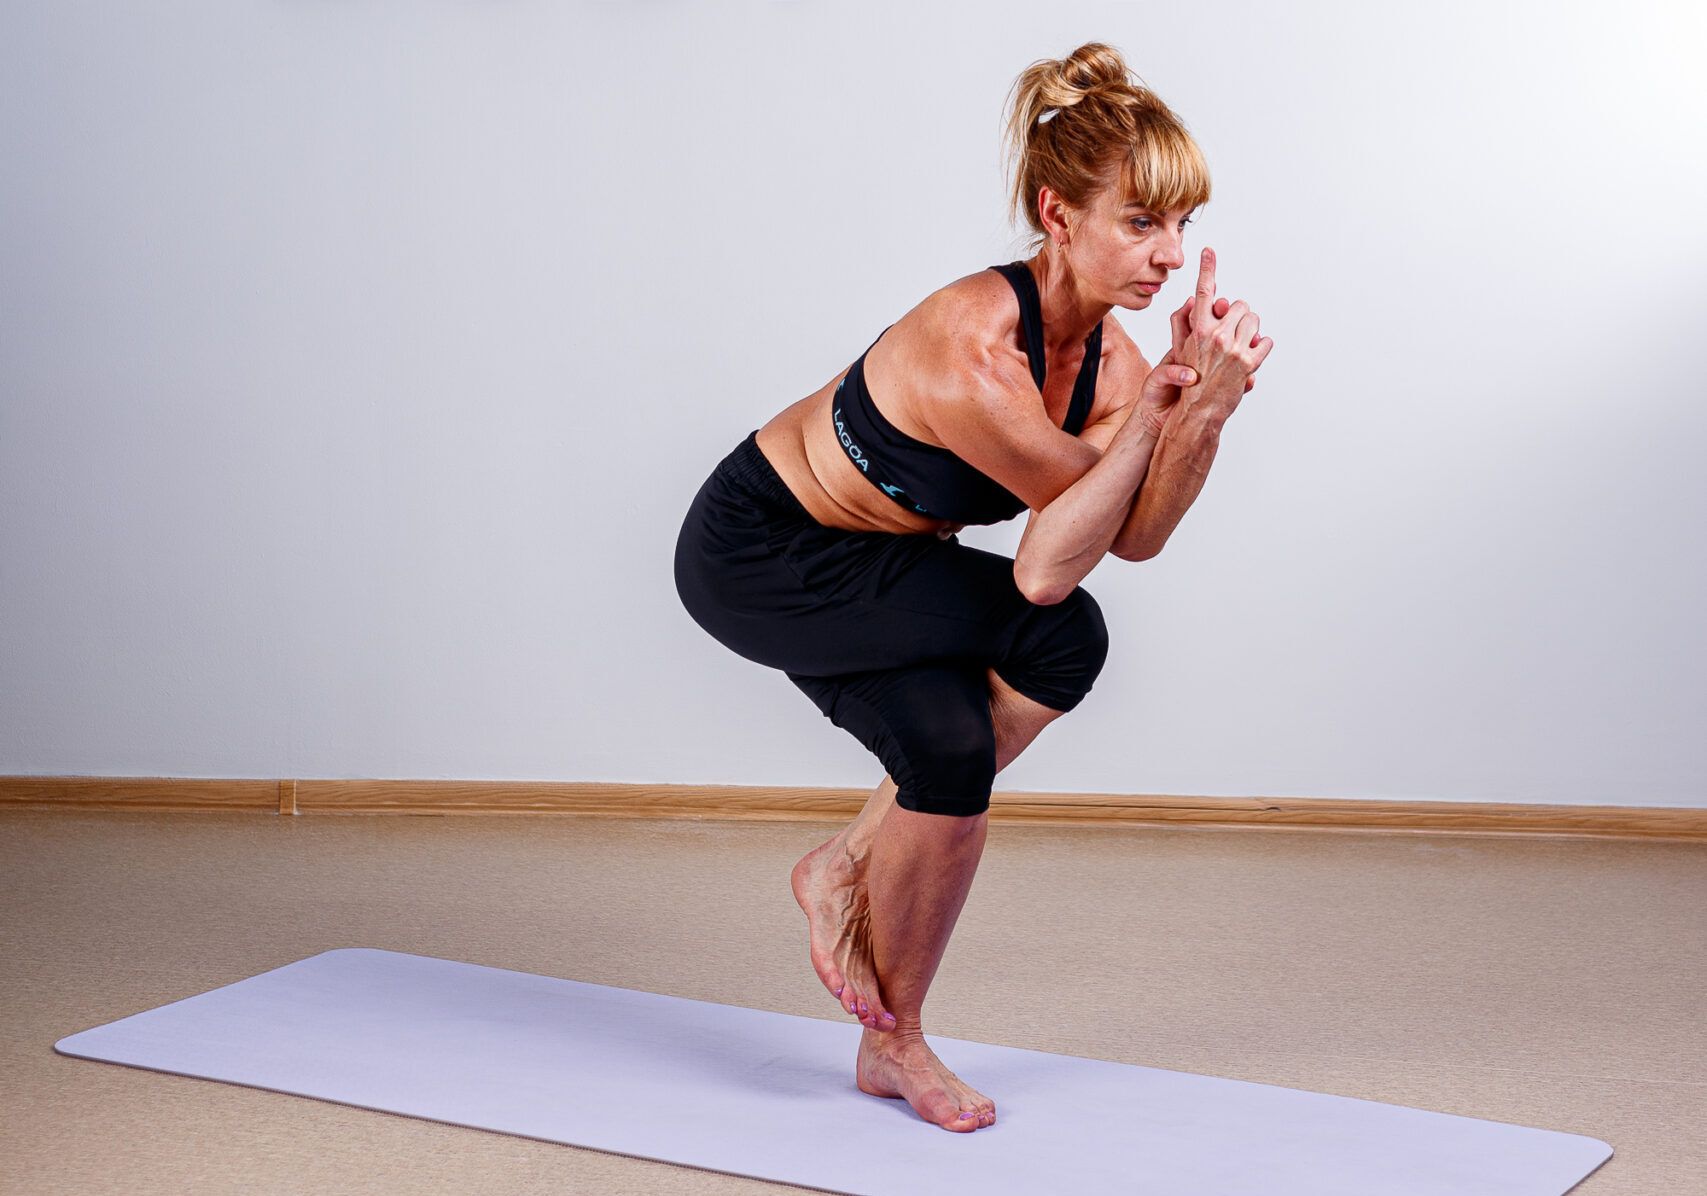 Практика от экспертов по йоге